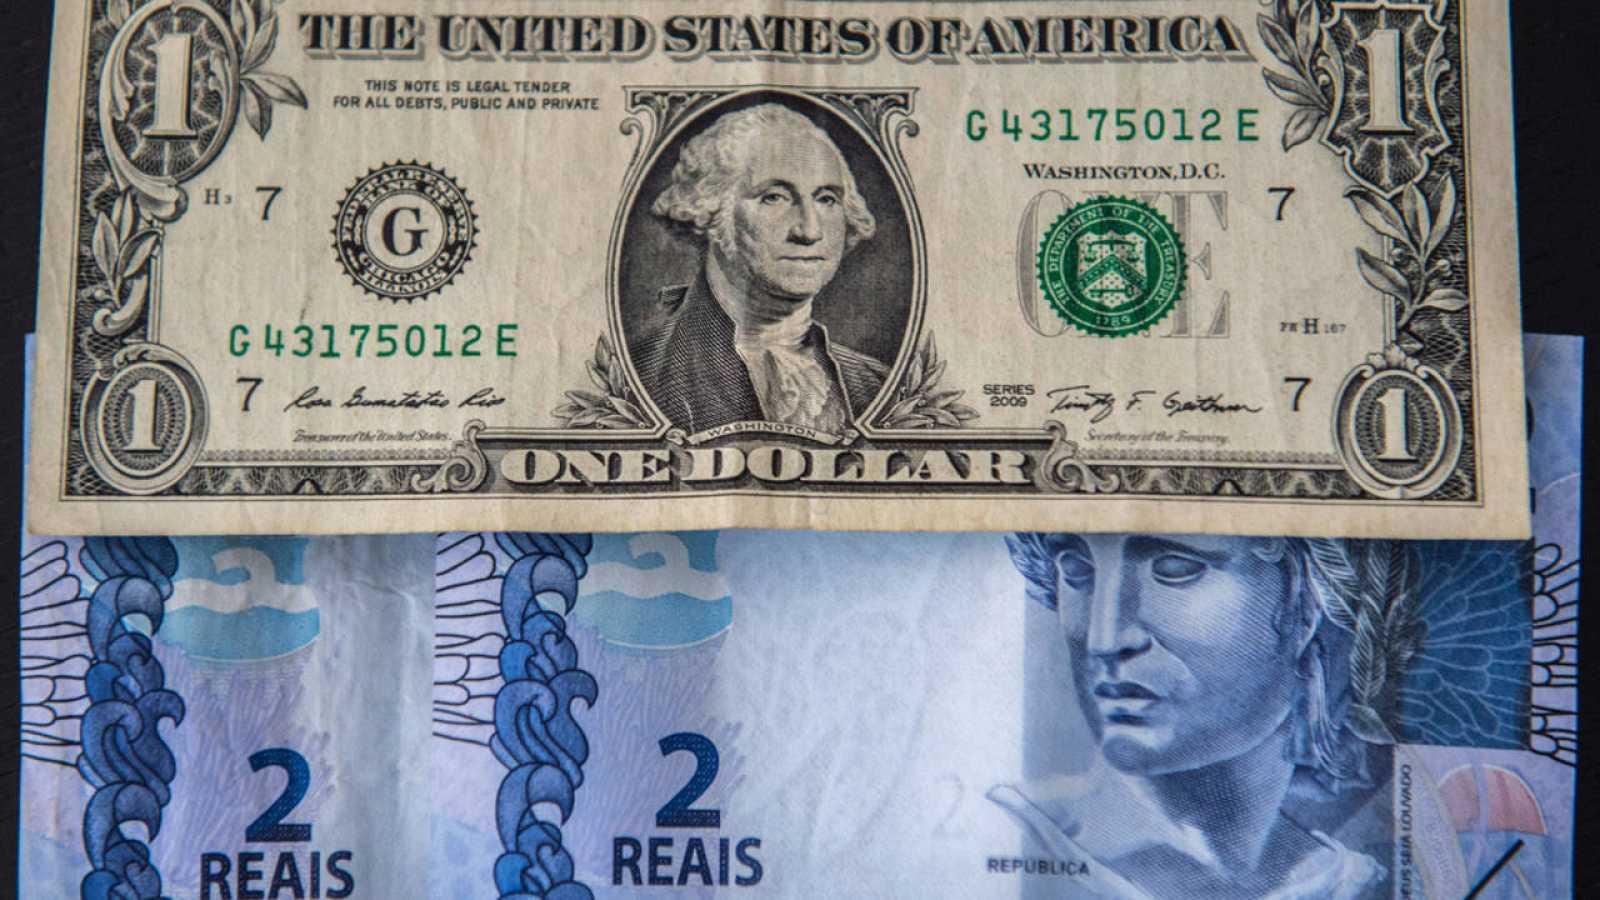 Un Billete De Dólar Junto A Dos Billetes Reales